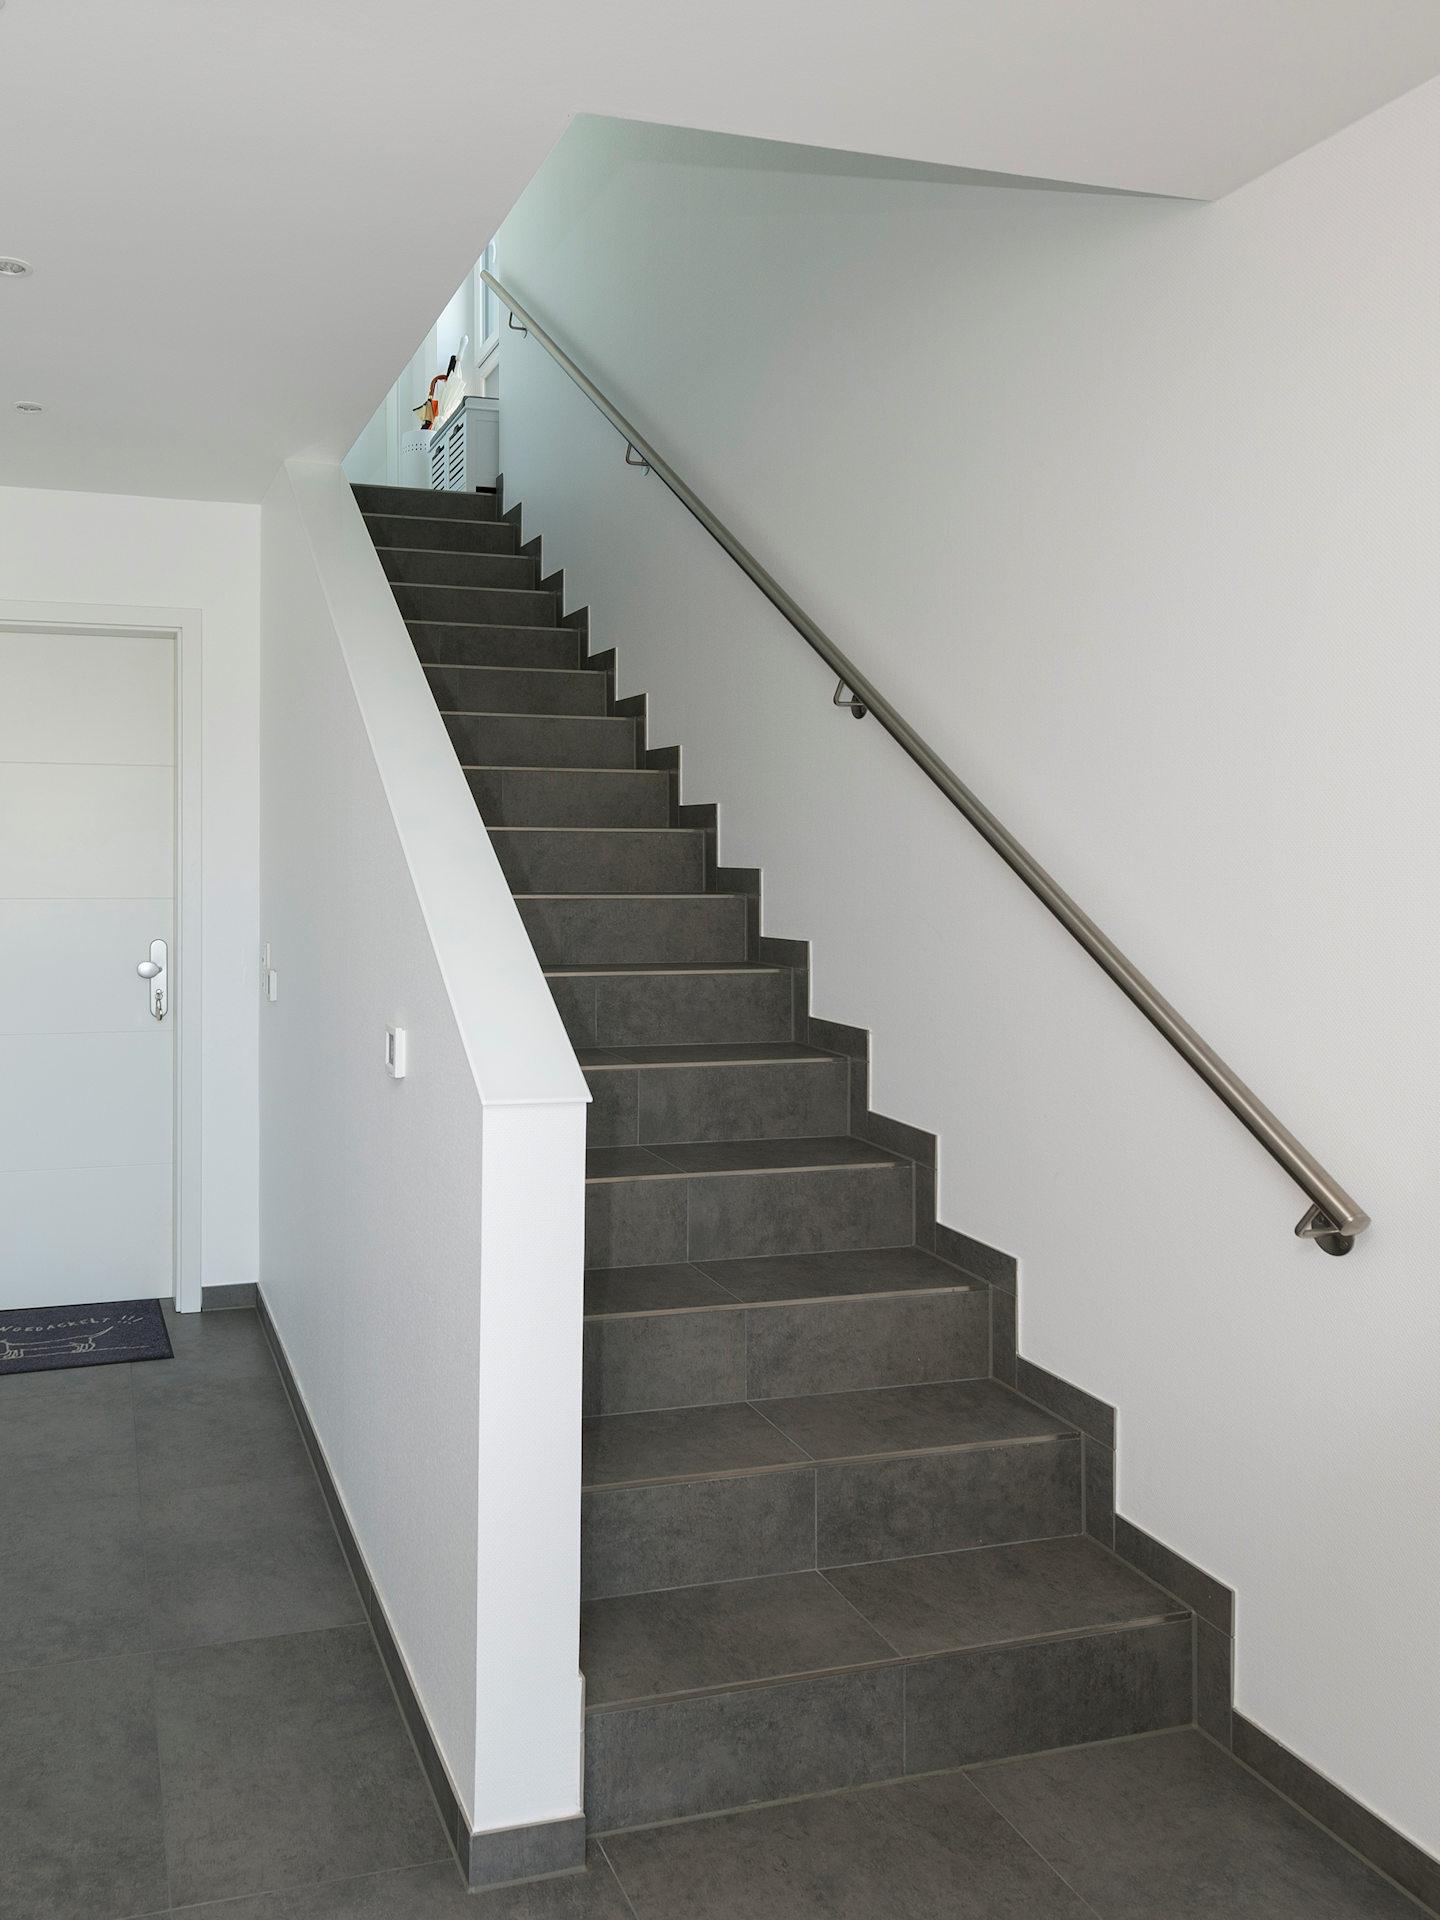 Falttreppe aus Steingut, Geländer als Wandelement